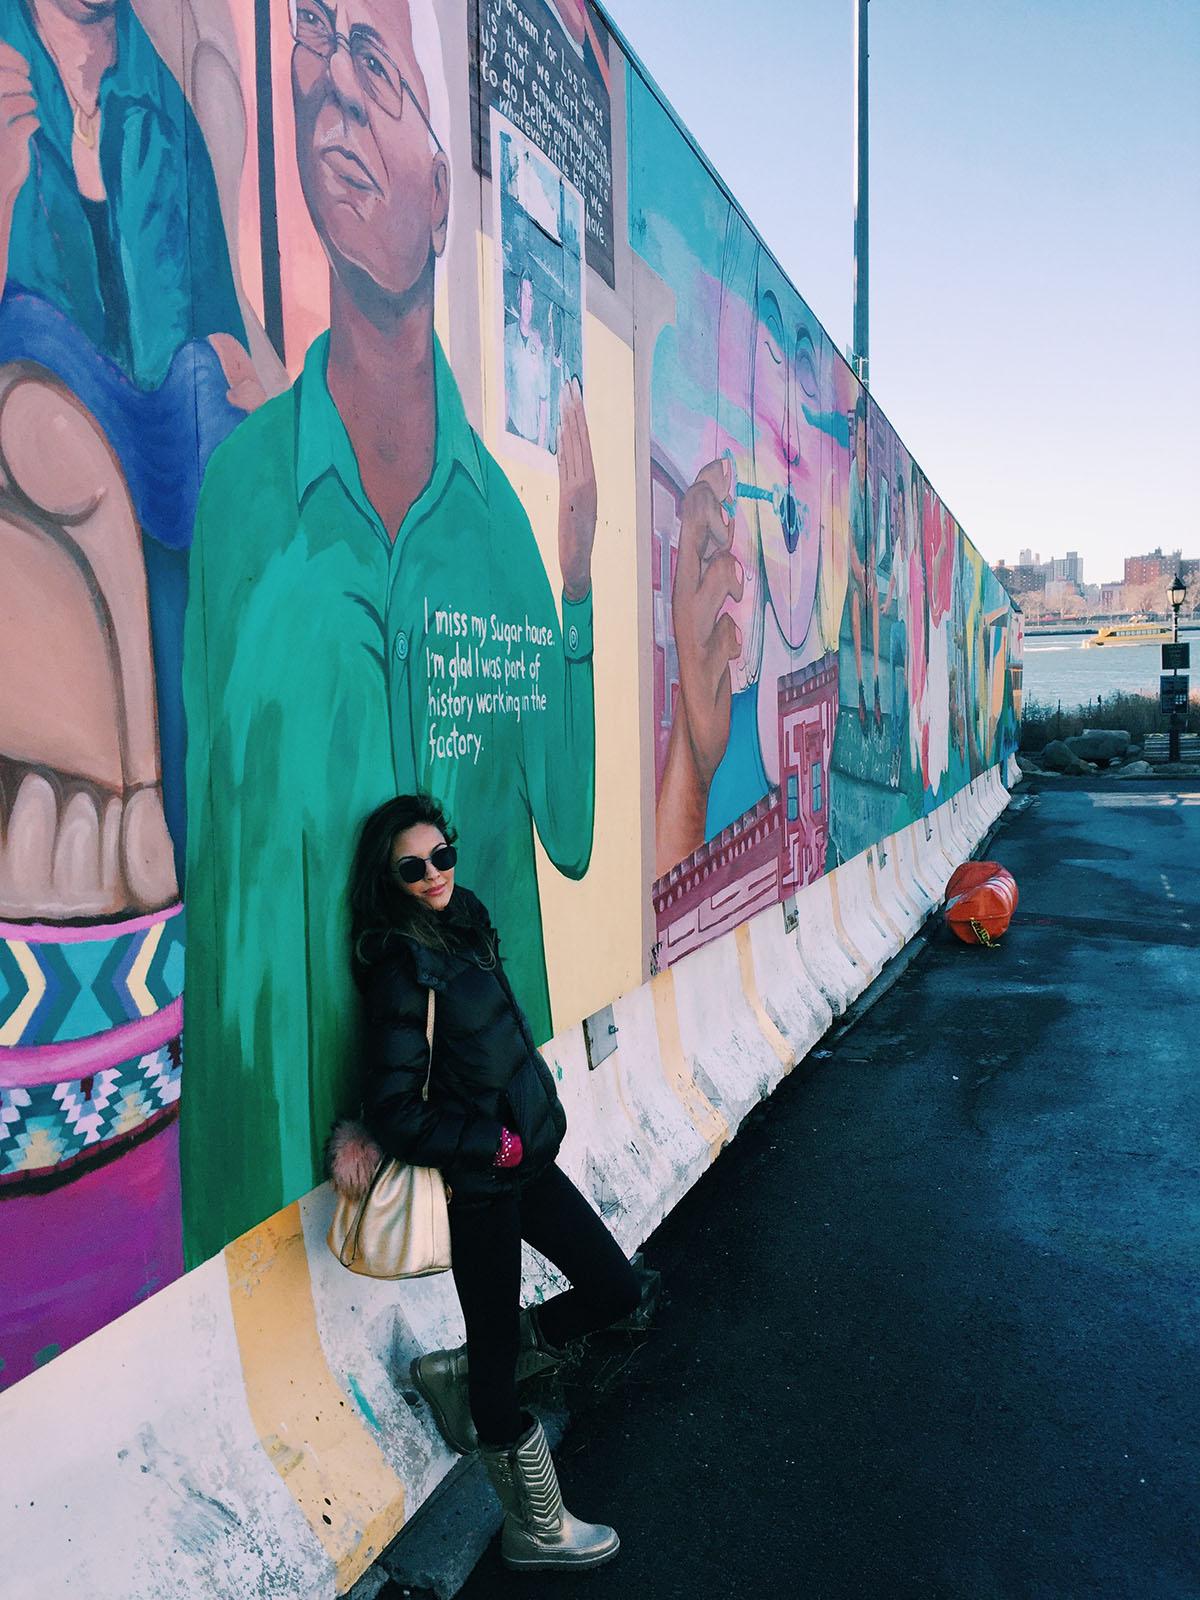 Candela Gomez Vivir en NYC - Tu guía para sobrevivir en NYC (2)